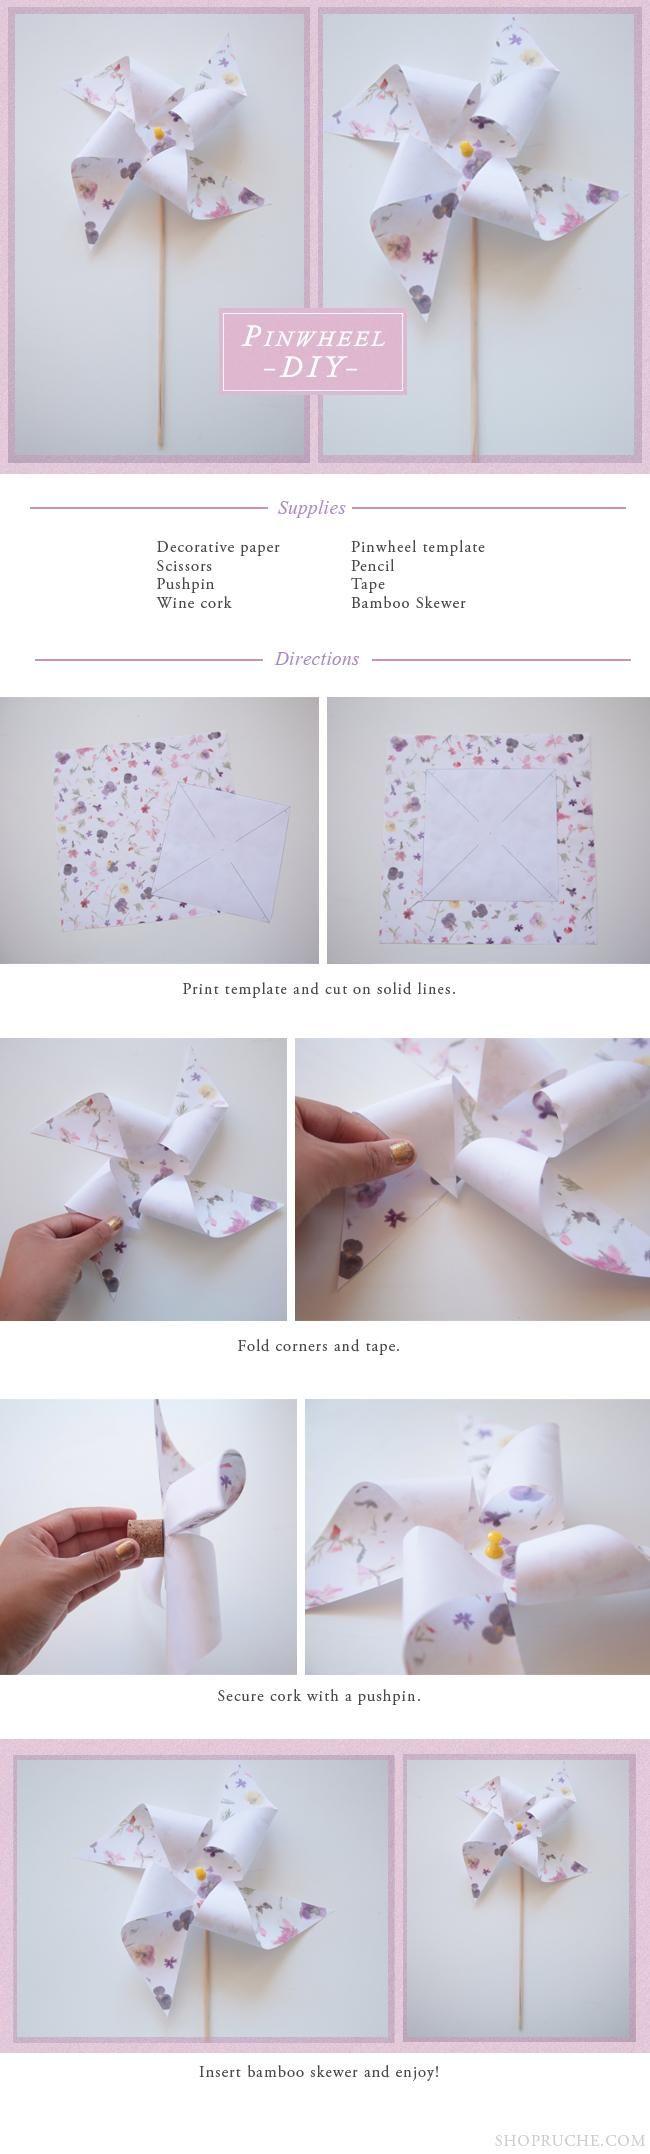 best homemade gift ideas images on pinterest christmas